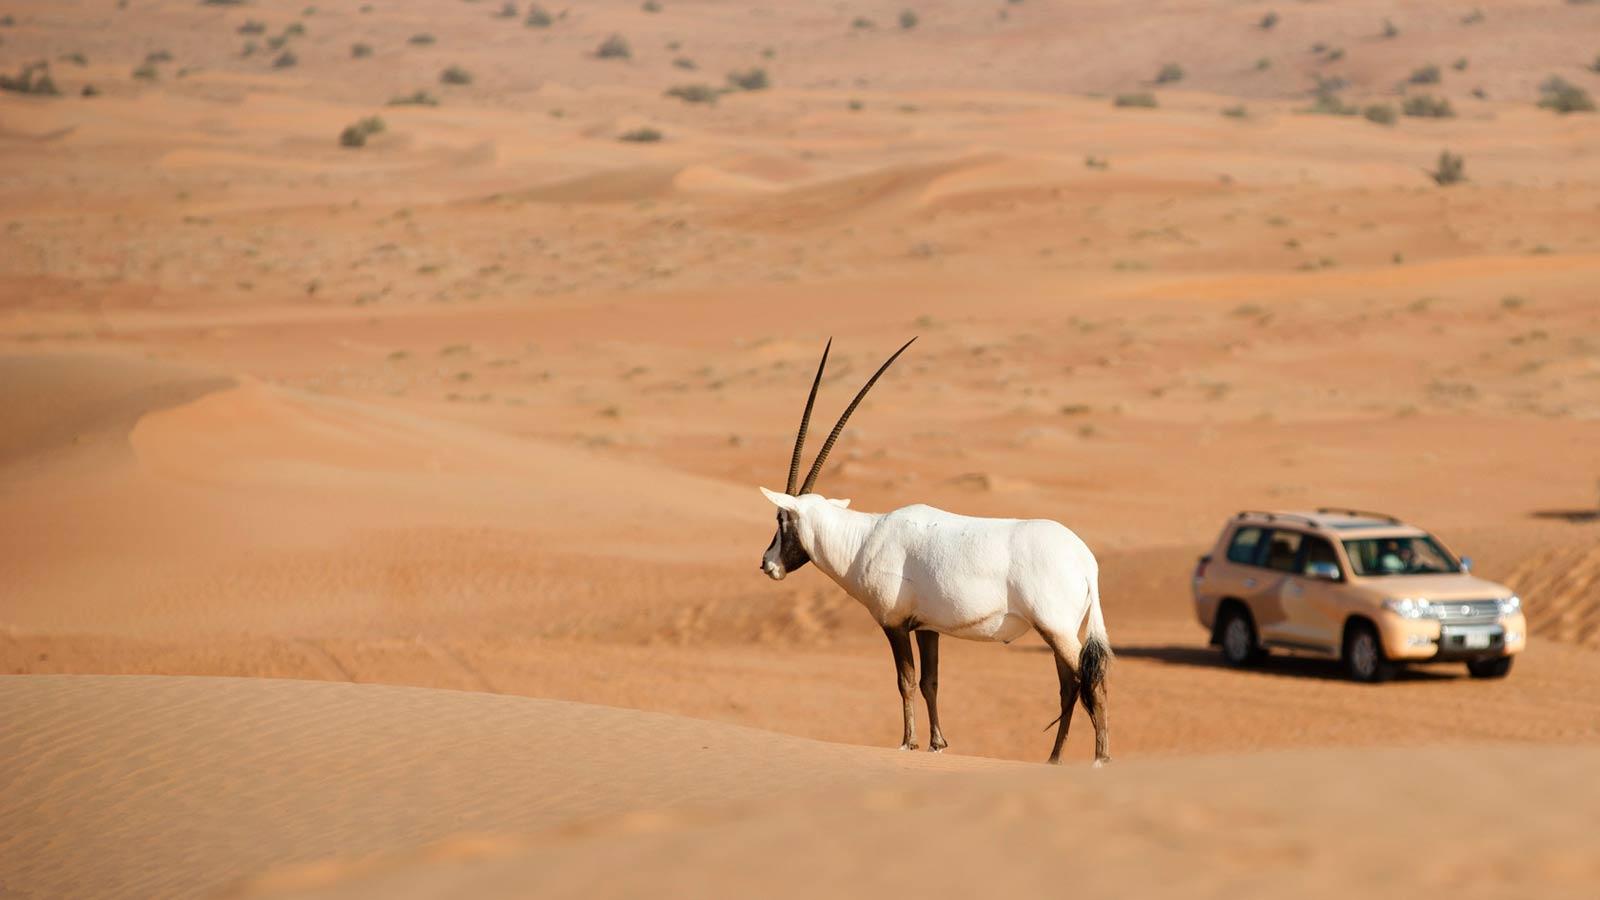 迪拜沙漠旅游攻略 棕榈岛亚特兰蒂斯